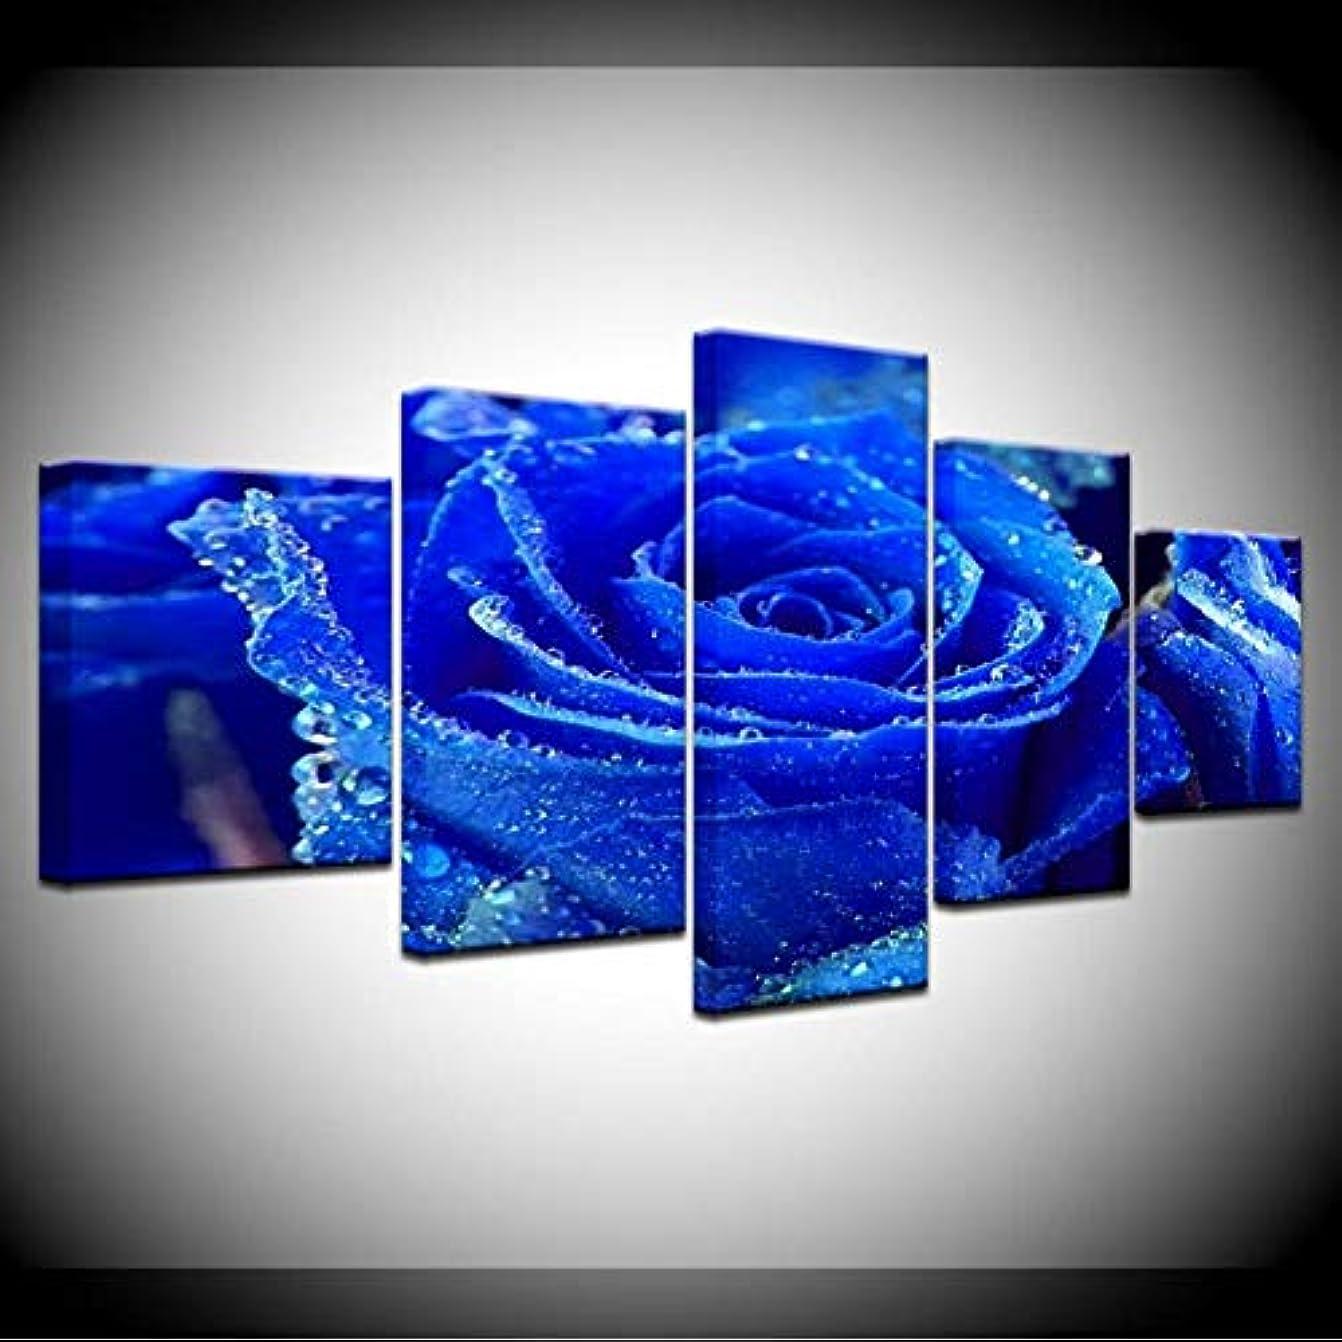 声を出してサンダース瞑想するJason Ming 5パネル高貴なダークブルーローズフレームワーク壁アートワーク絵画Hdプリントキャンバスポスター家の装飾リビングルームモジュラー写真